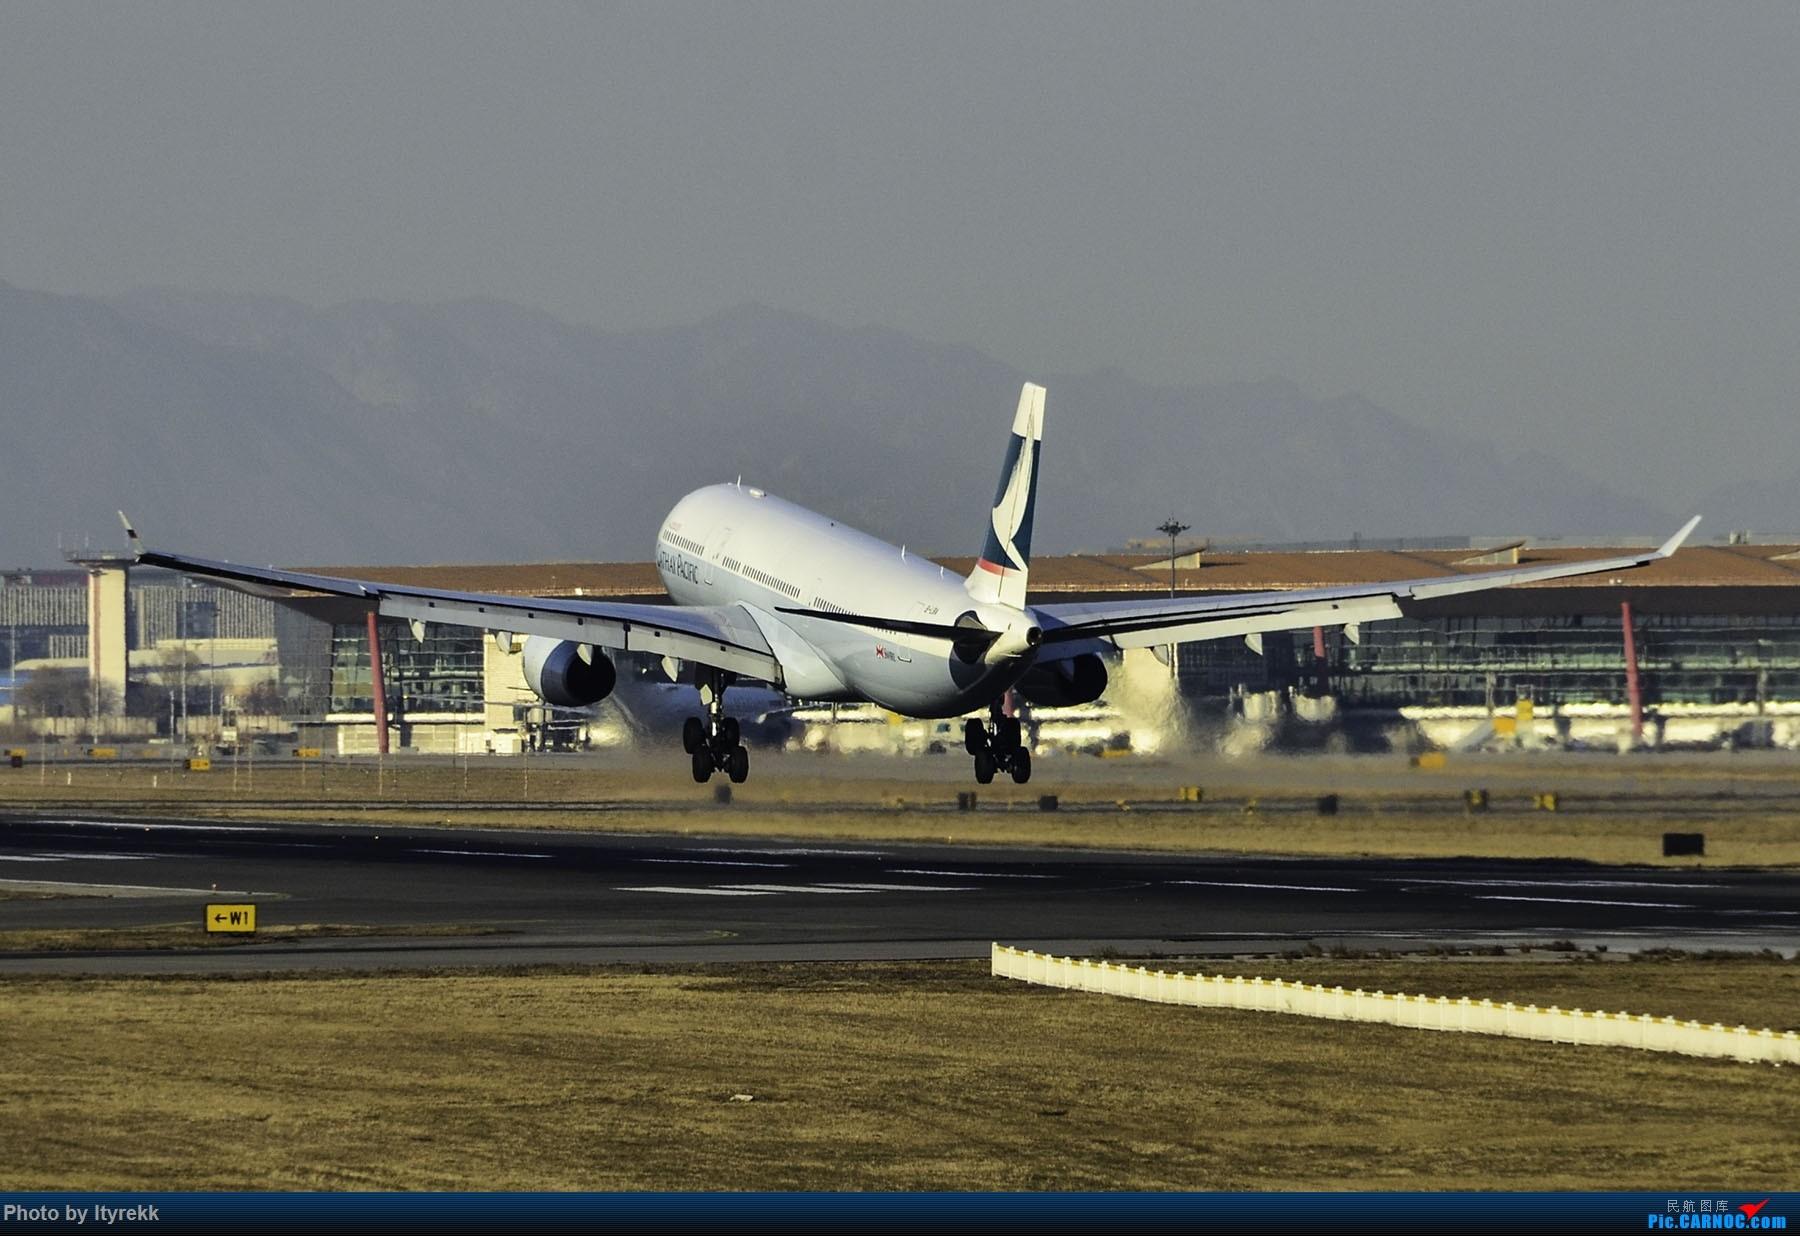 Re:[原创]PEK一日游 收获厦航首架789 B-1566等 AIRBUS A330-300 B-LBA 中国北京首都国际机场